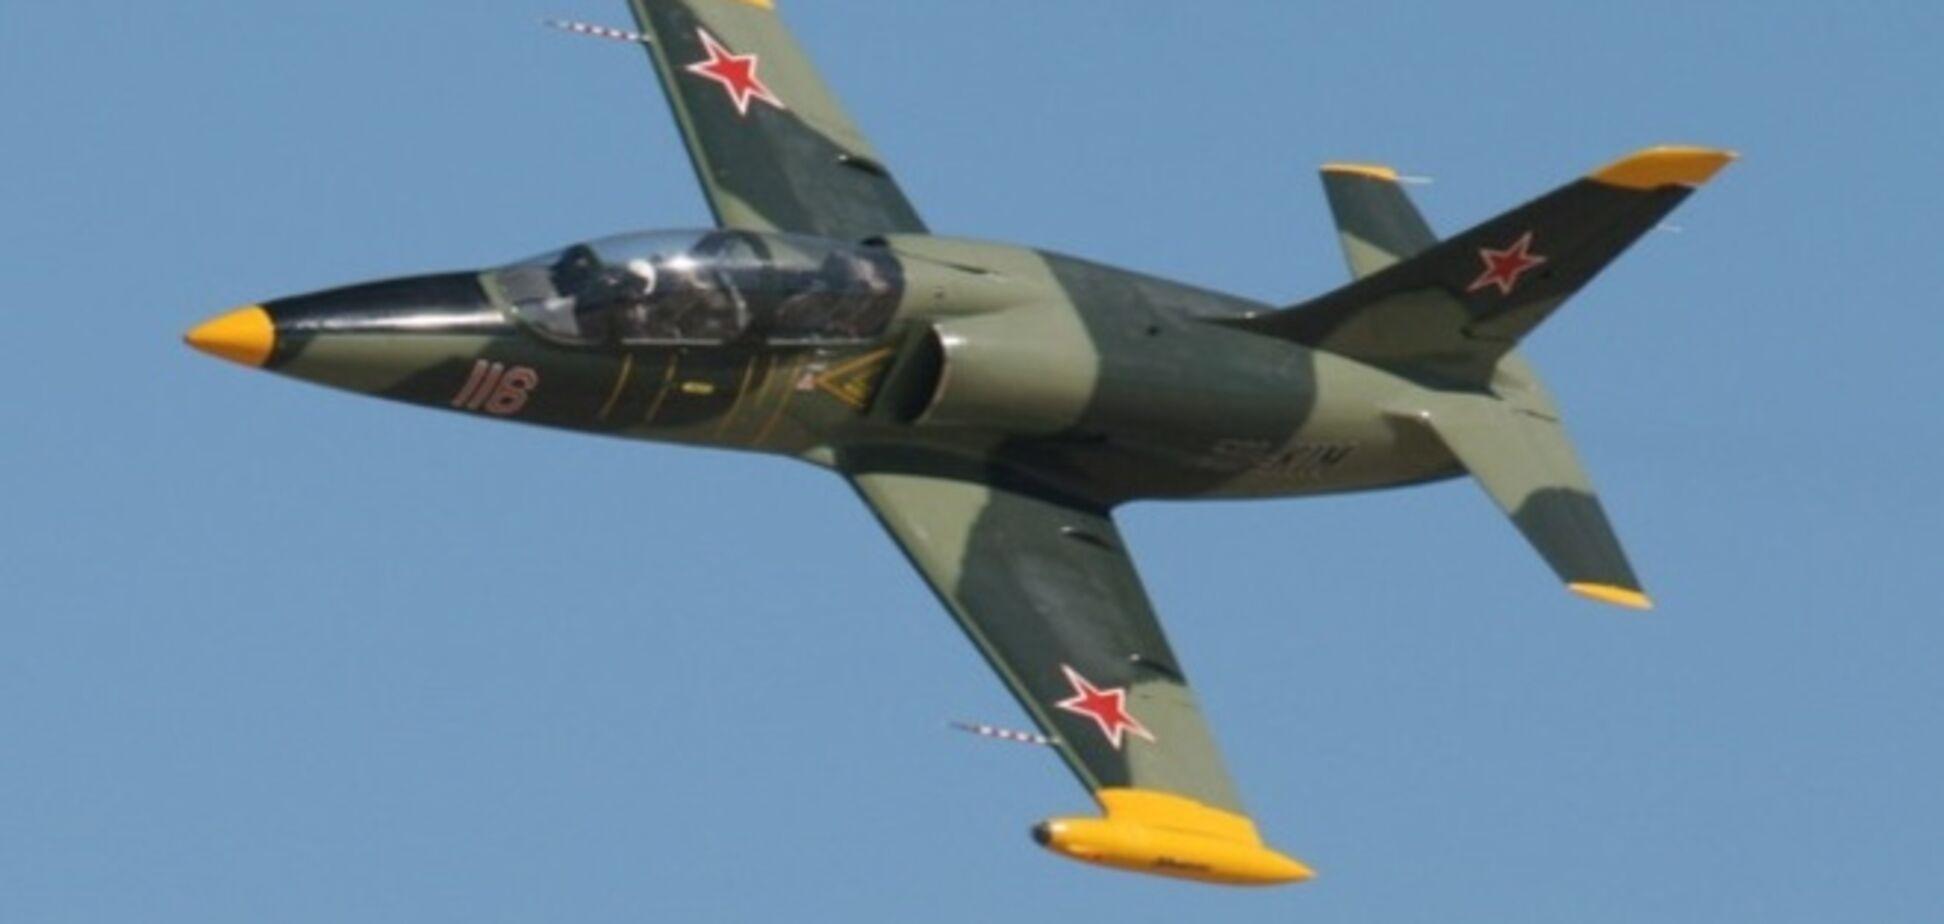 Уничтожив 'авиацию ЛНР', военные лишили Россию возможности поставлять боевые самолеты – журналист